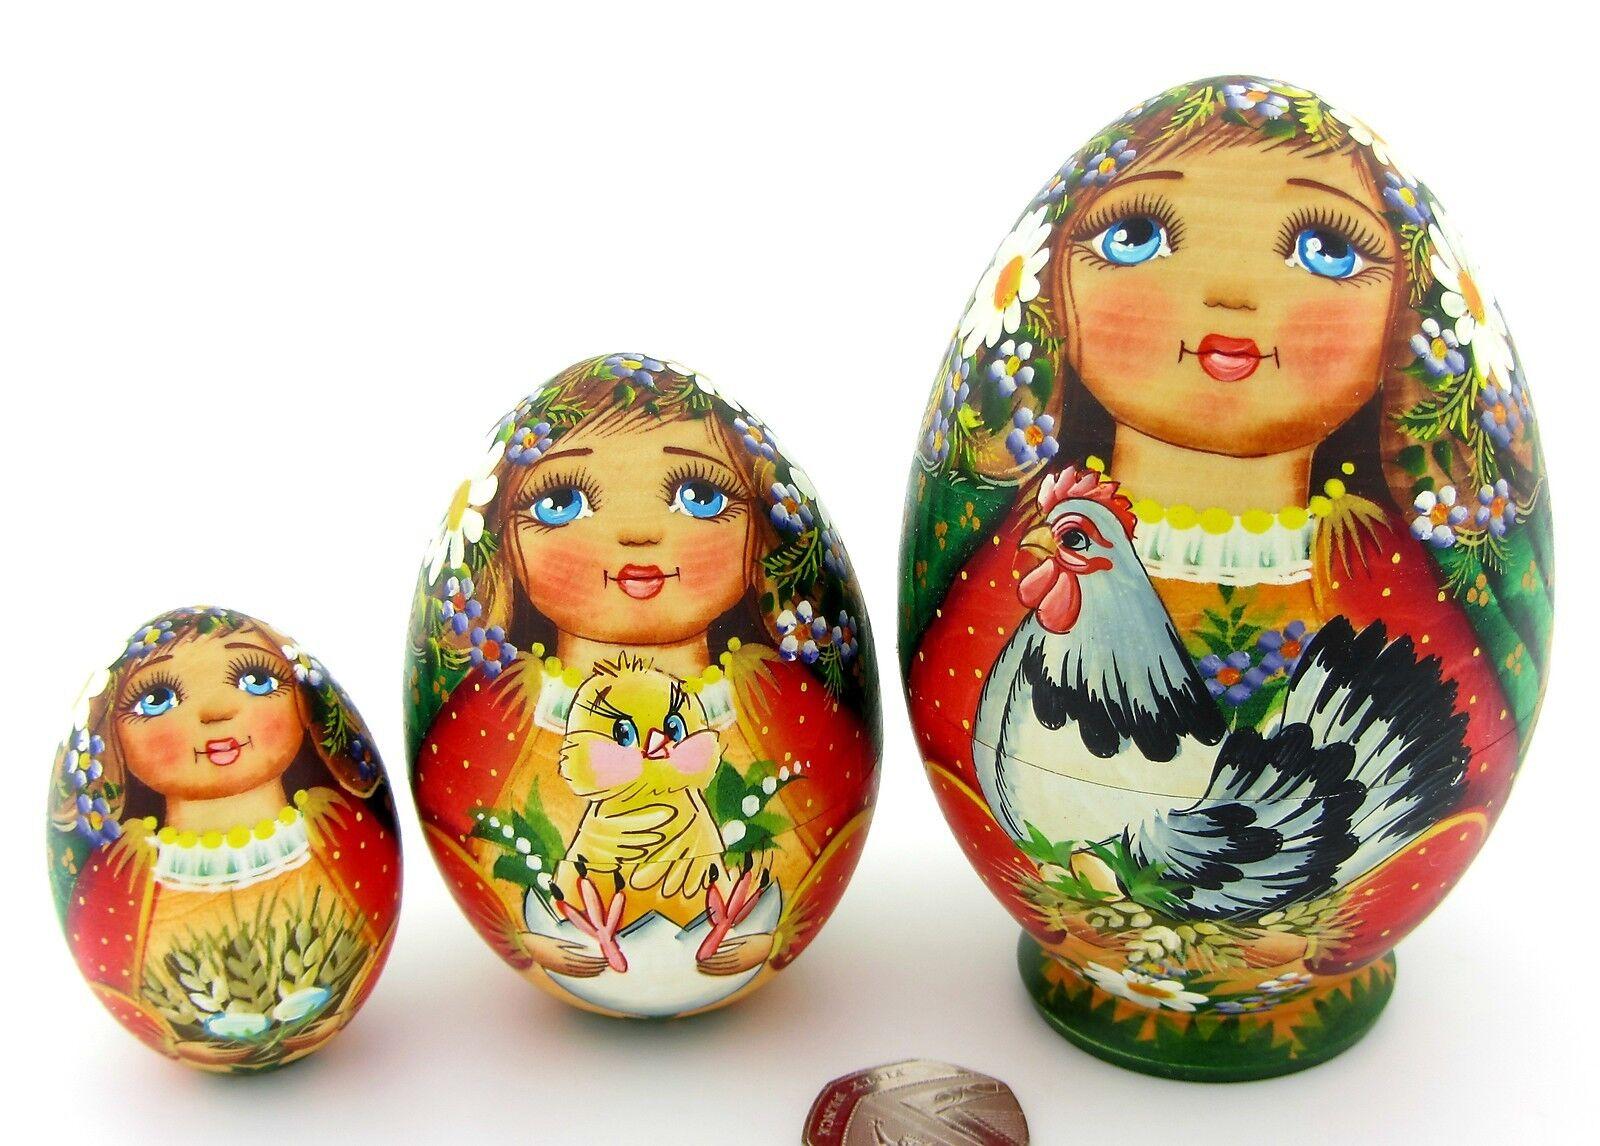 Matriosca Russa Bambole  Piccola Pasquale 3 Uova Pollo Baskakova Firmato  spedizione gratuita!